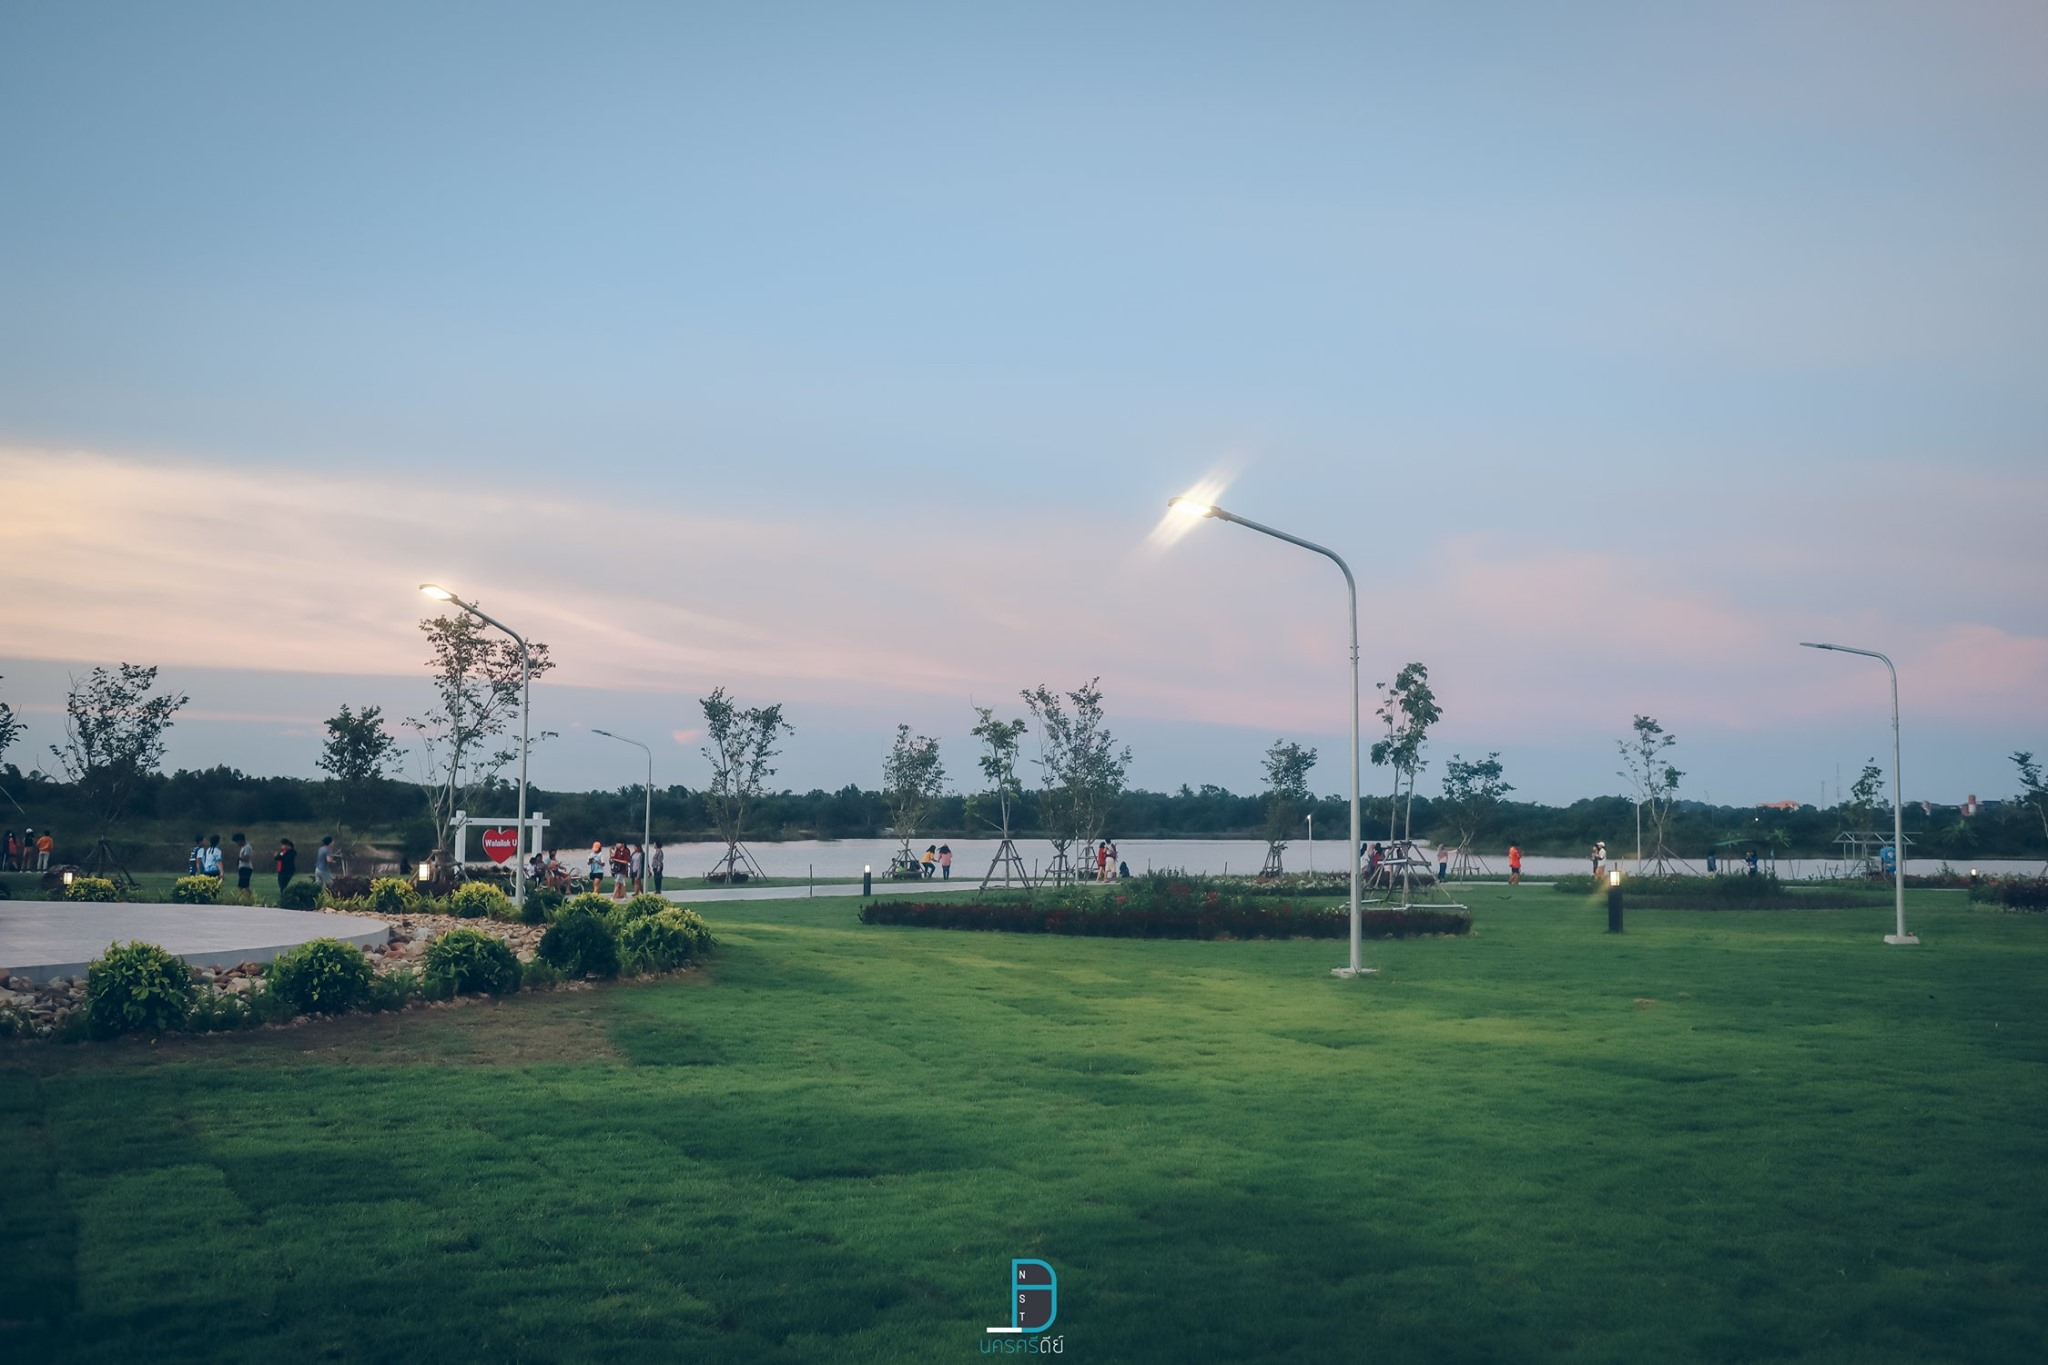 มีสวนสาธารณะที่สบายย  ท่าศาลา,เที่ยวไหนดี,ของกิน,เที่ยว,จุดเช็คอิน,ร้านซีฟู๊ด